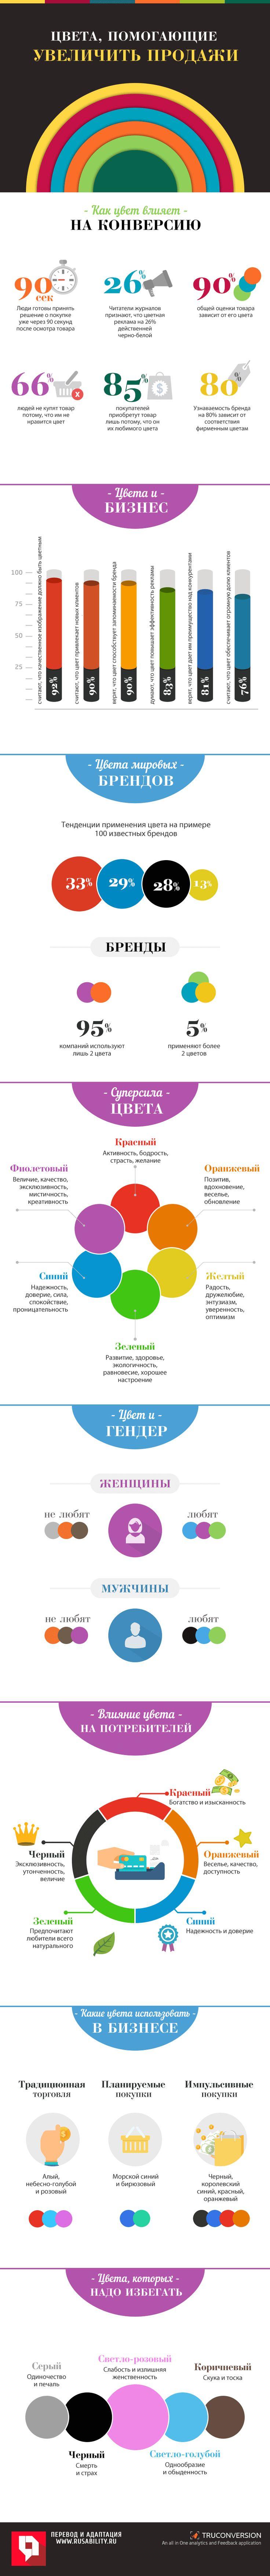 Психология, цвет, колористика, призыв, потребители, восприятие, воздействие, дизайн, маркетинг, креатив, инфографика